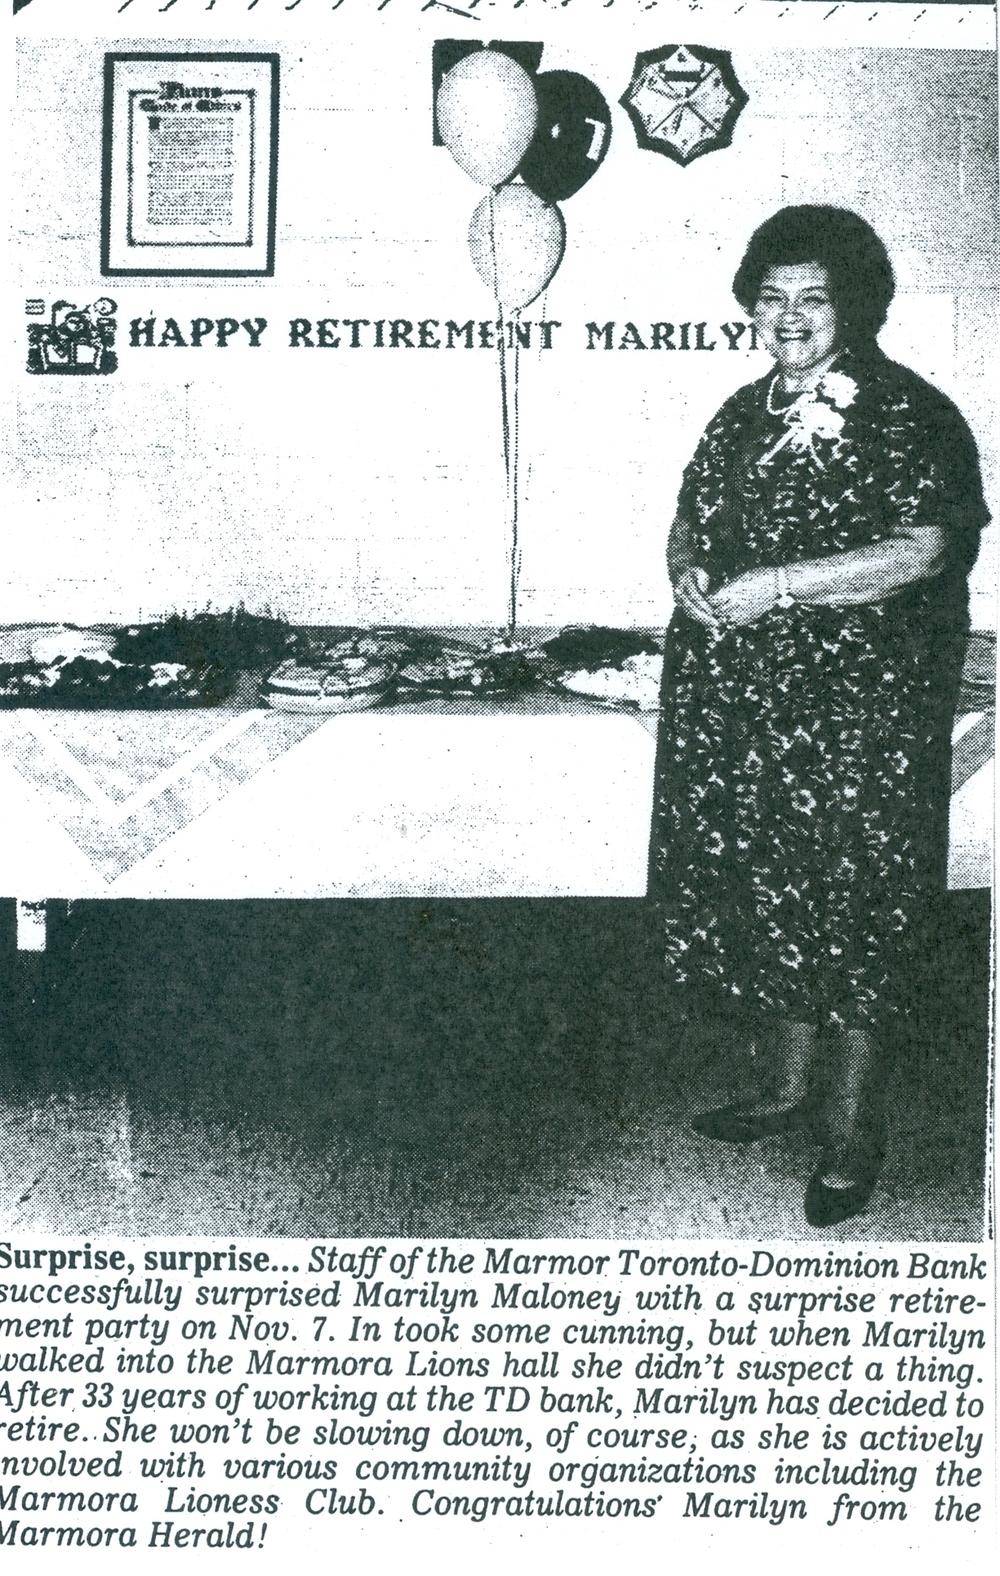 Nov. 1992 Marilyn Maloney retires